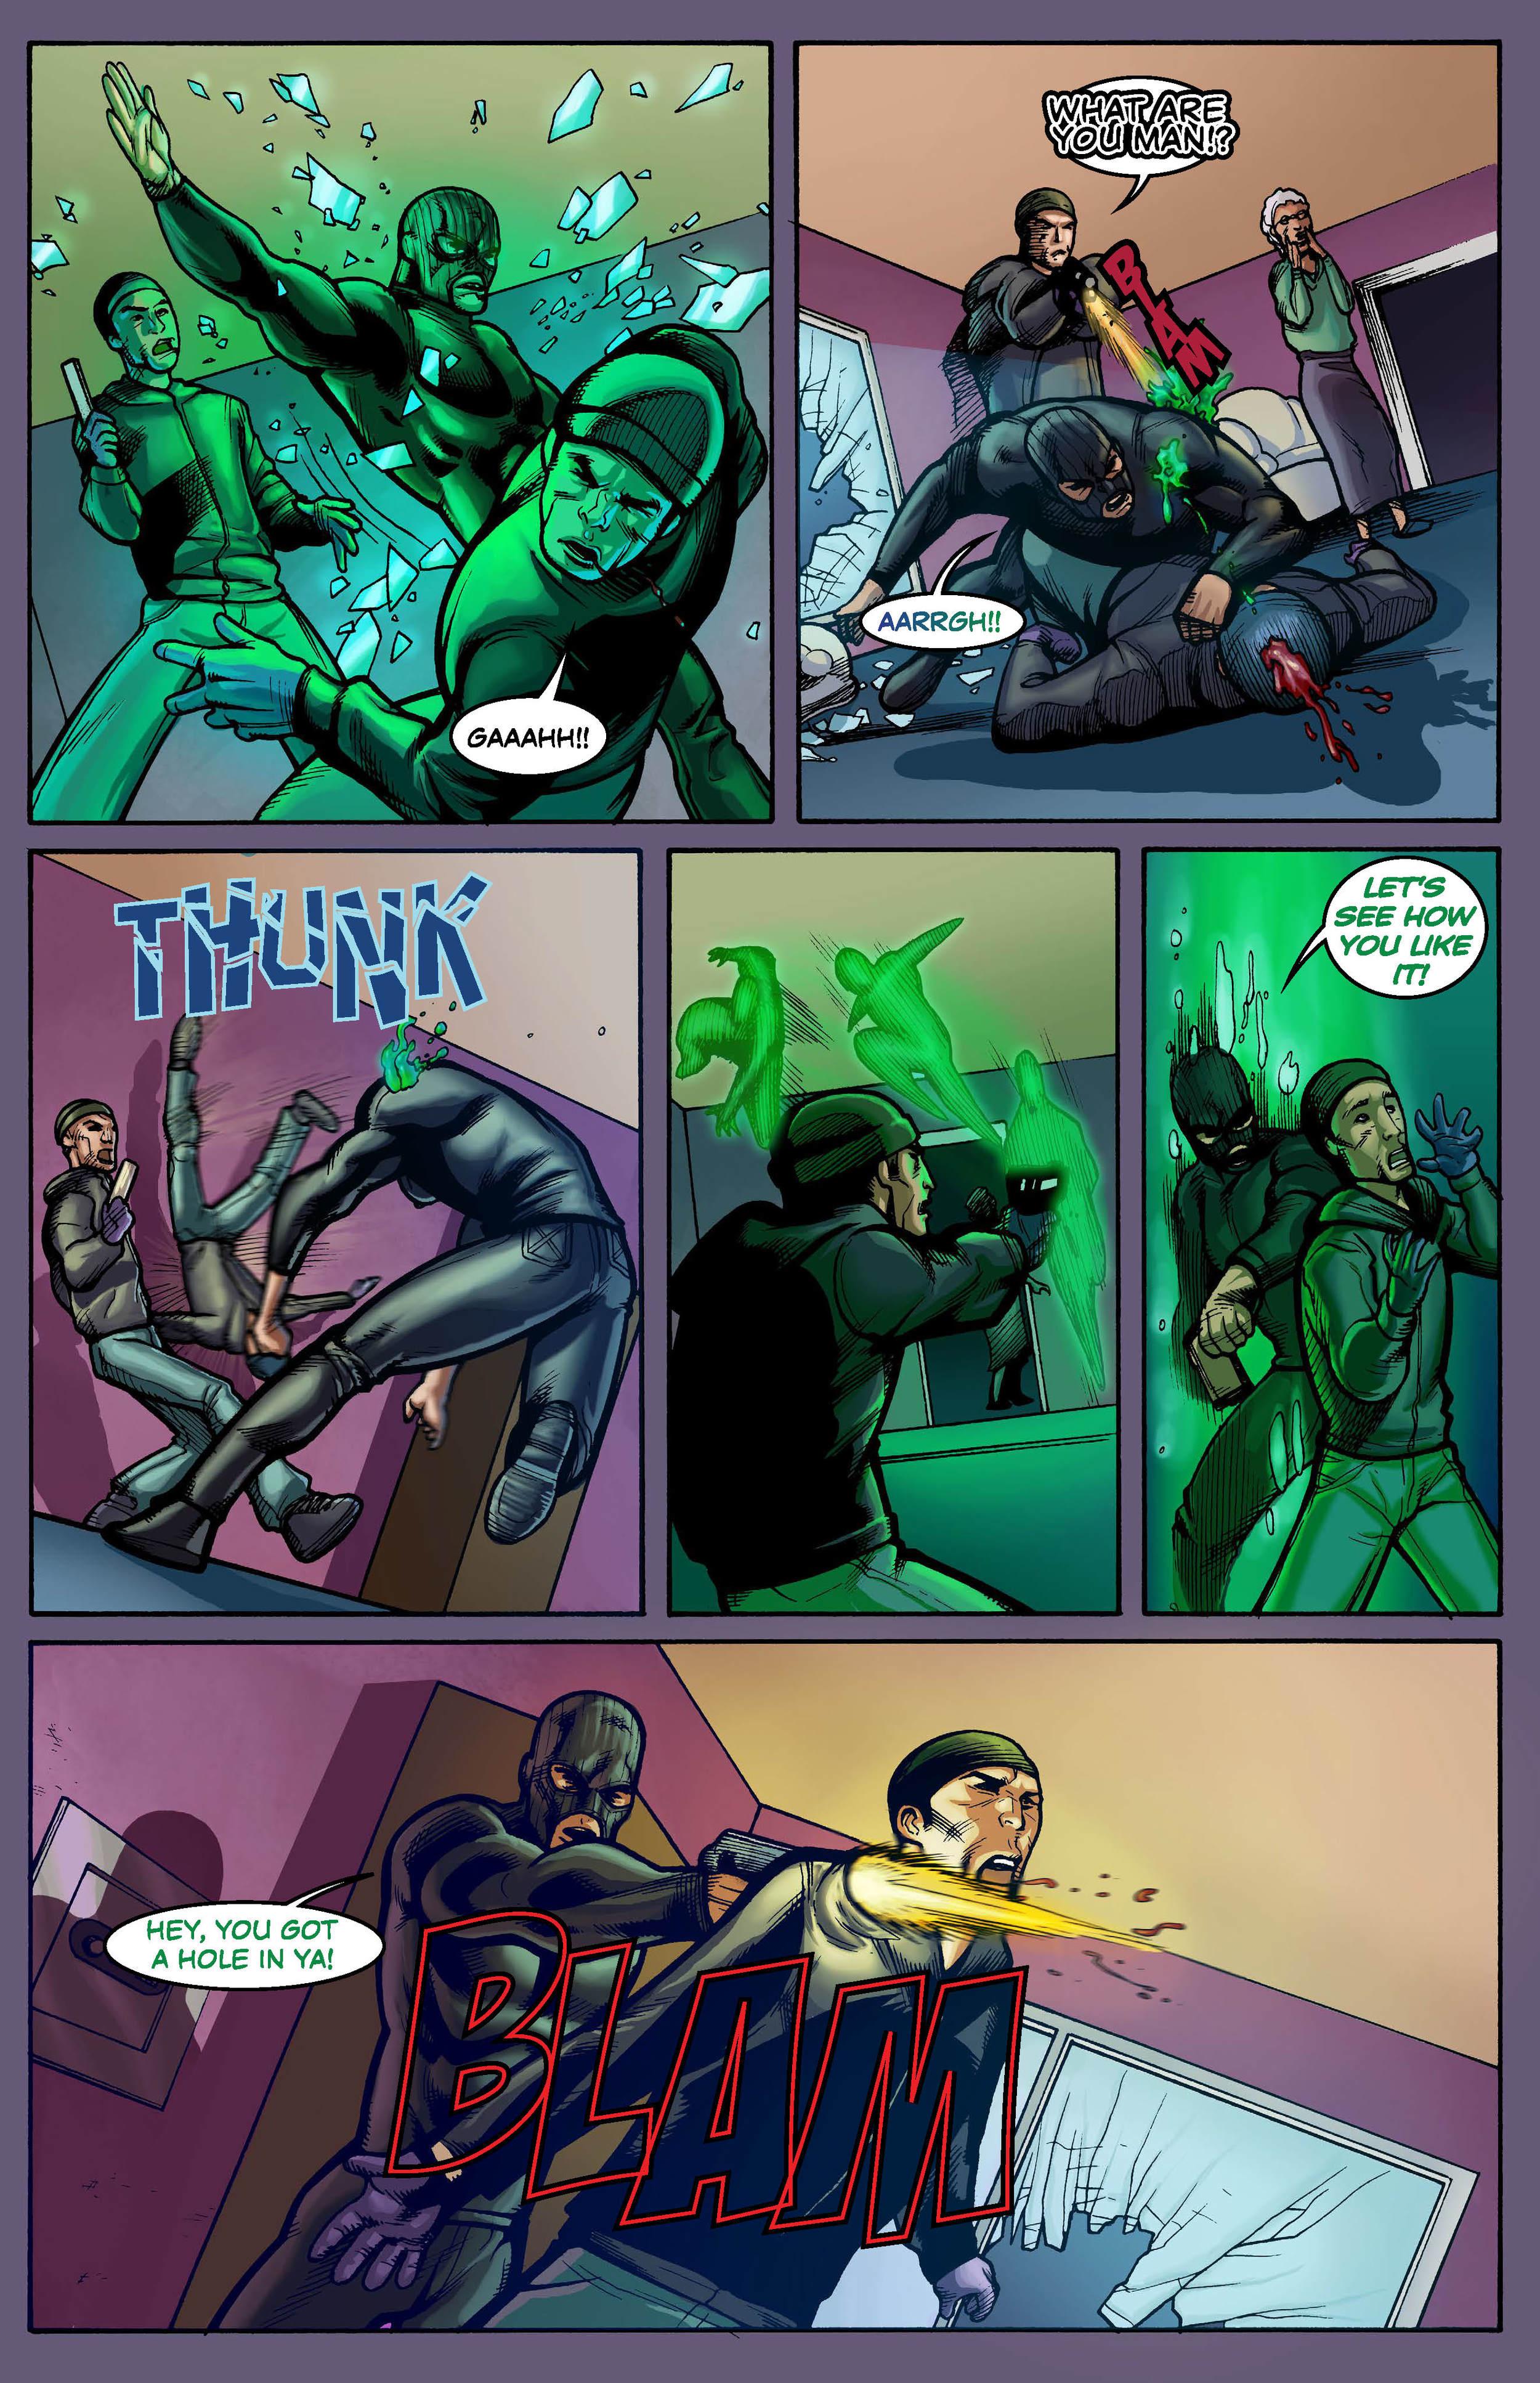 TT_Issue03_Digital_Page_14.jpg